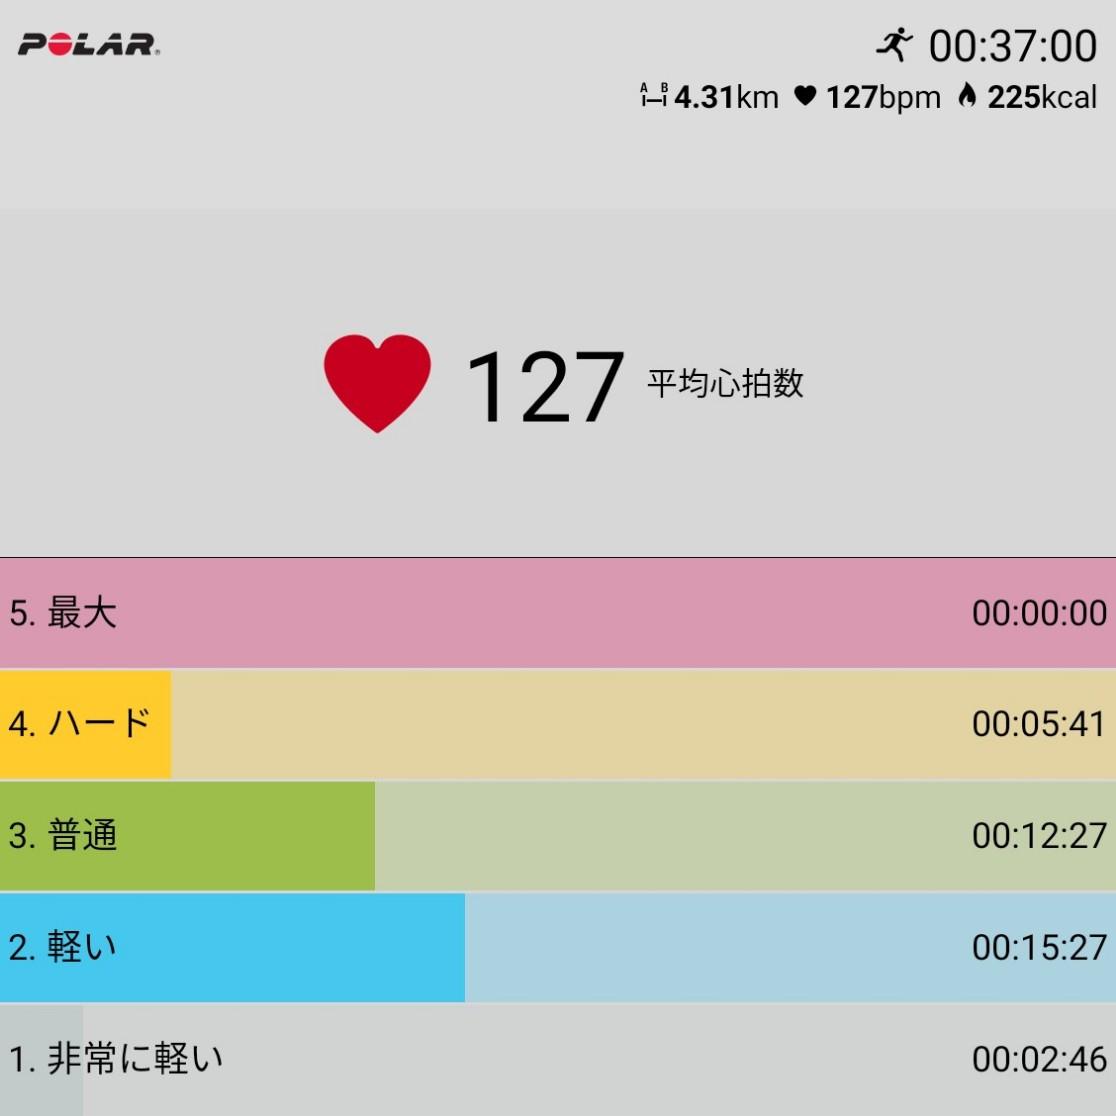 f:id:fuuta09neko:20191116215226j:plain